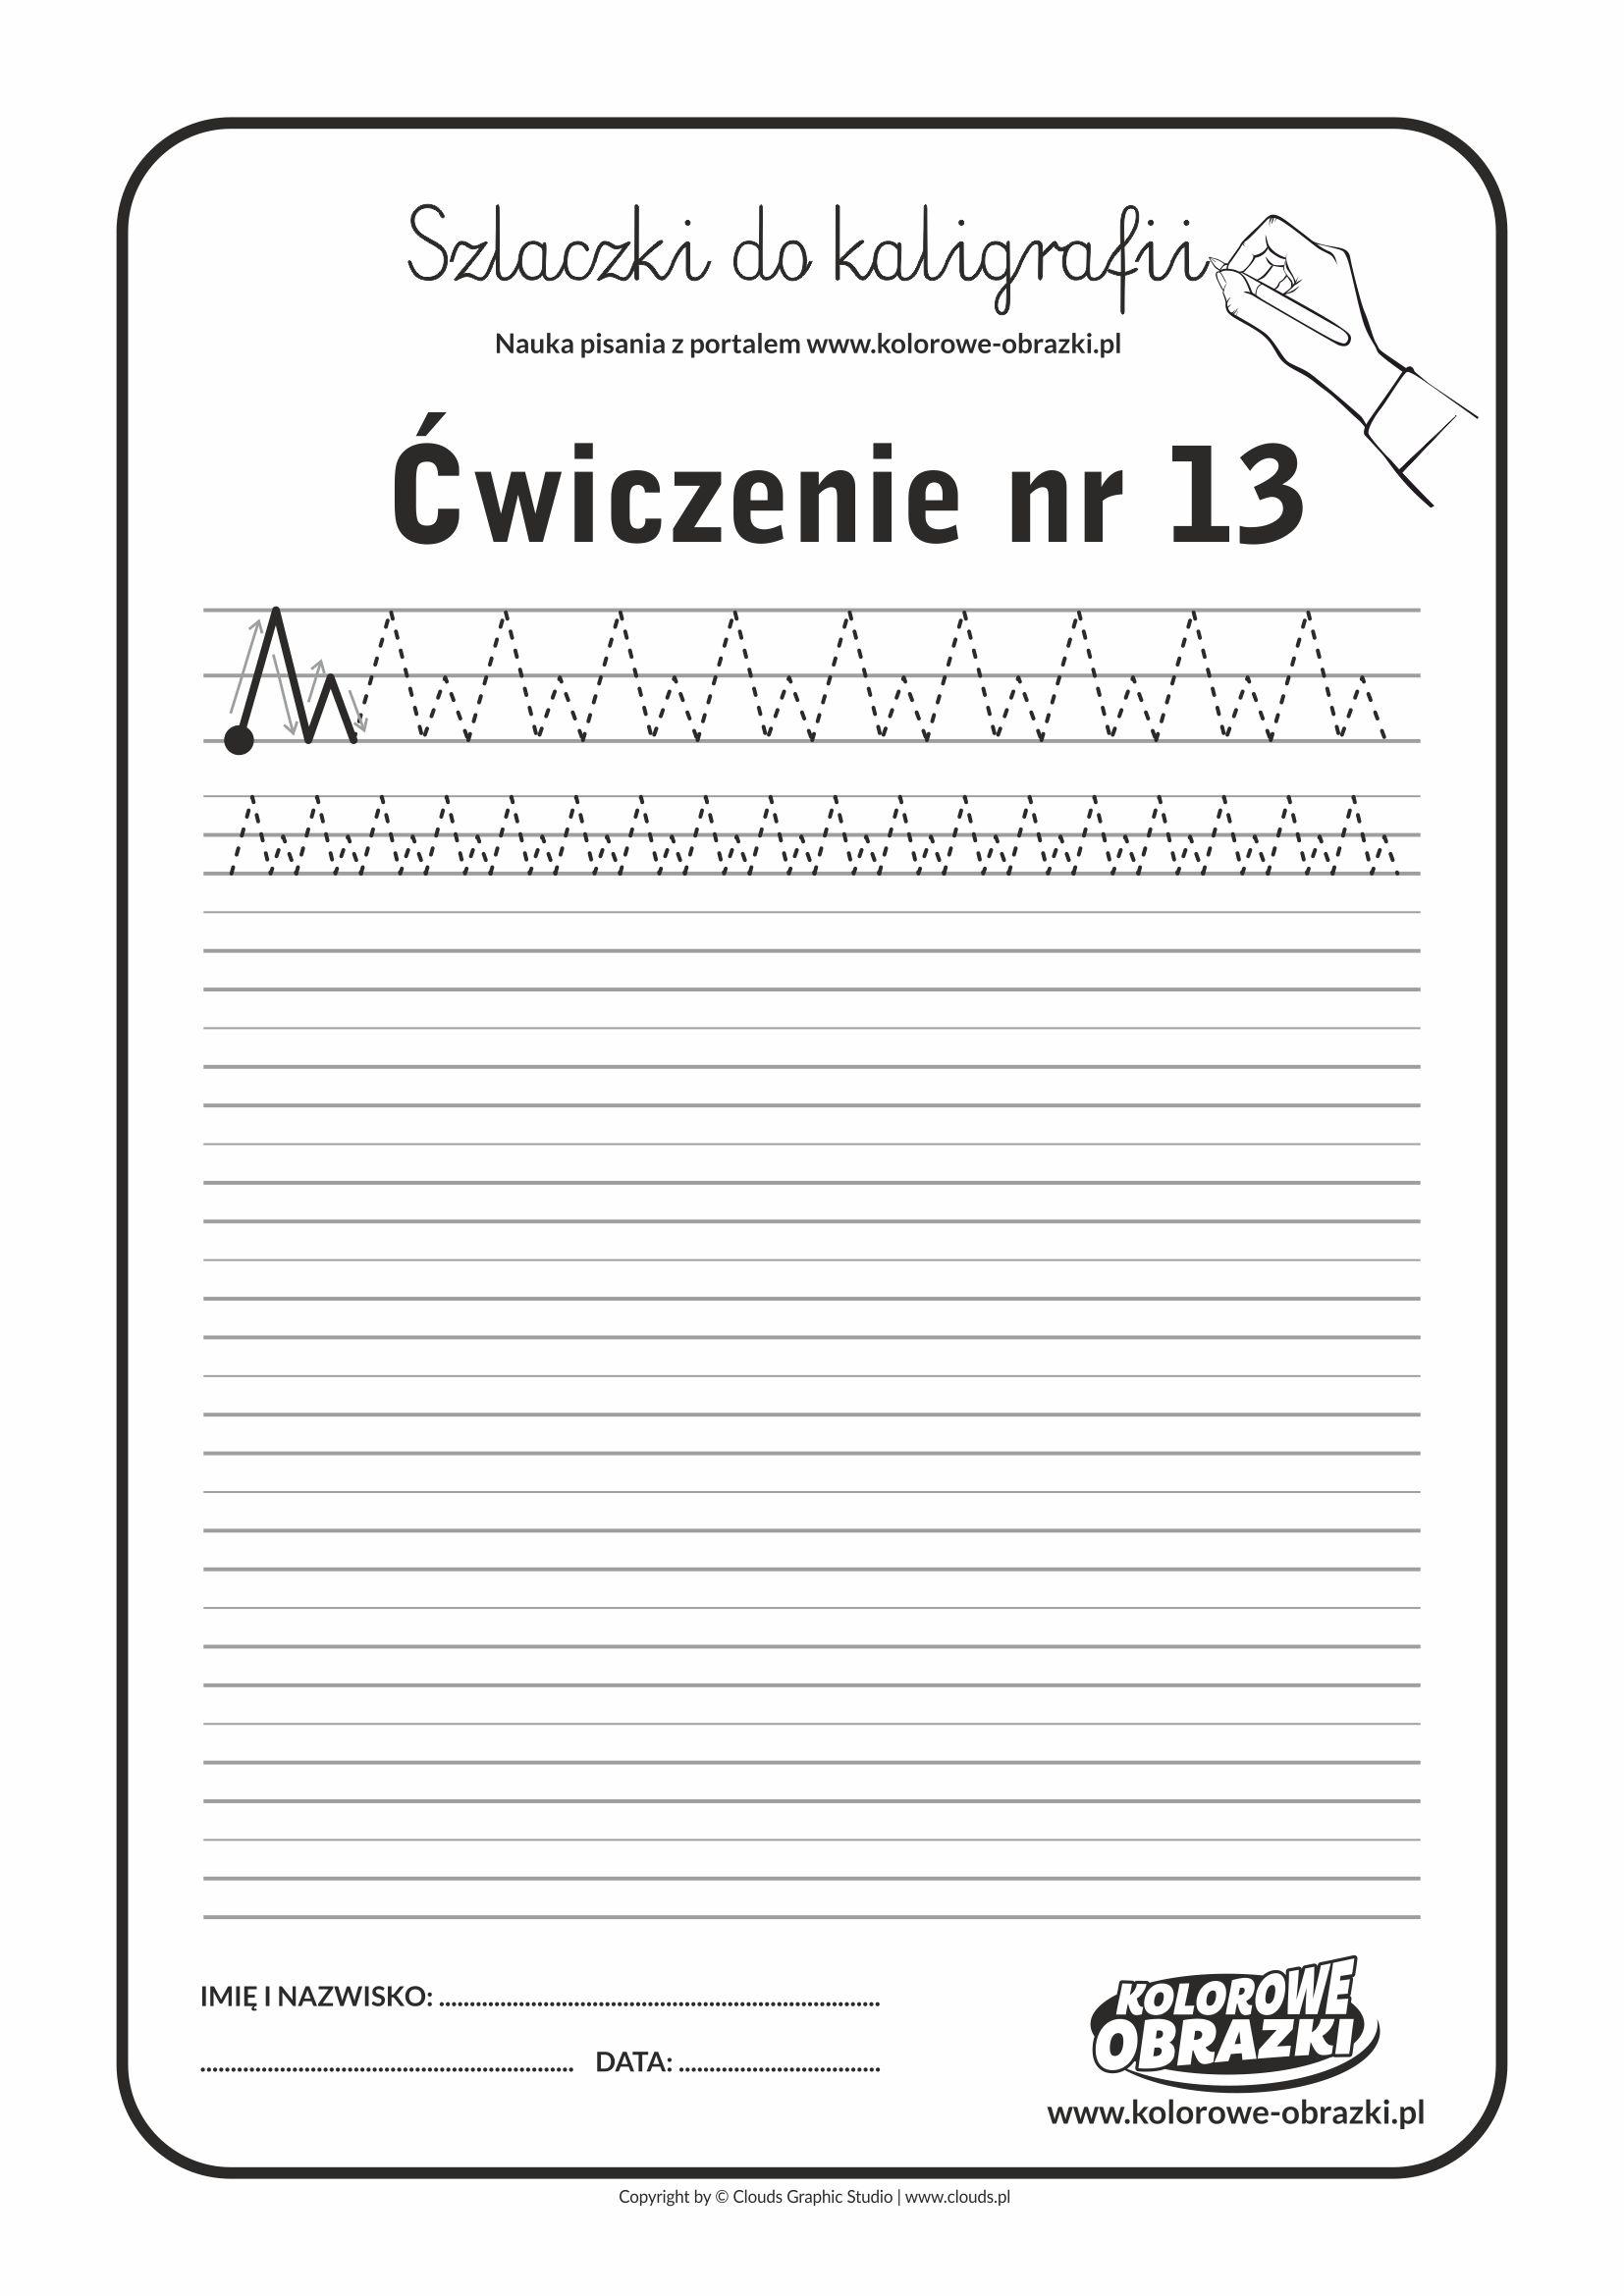 Kaligrafia dla dzieci - Ćwiczenia kaligraficzne / Szlaczki / Ćwiczenie nr 13